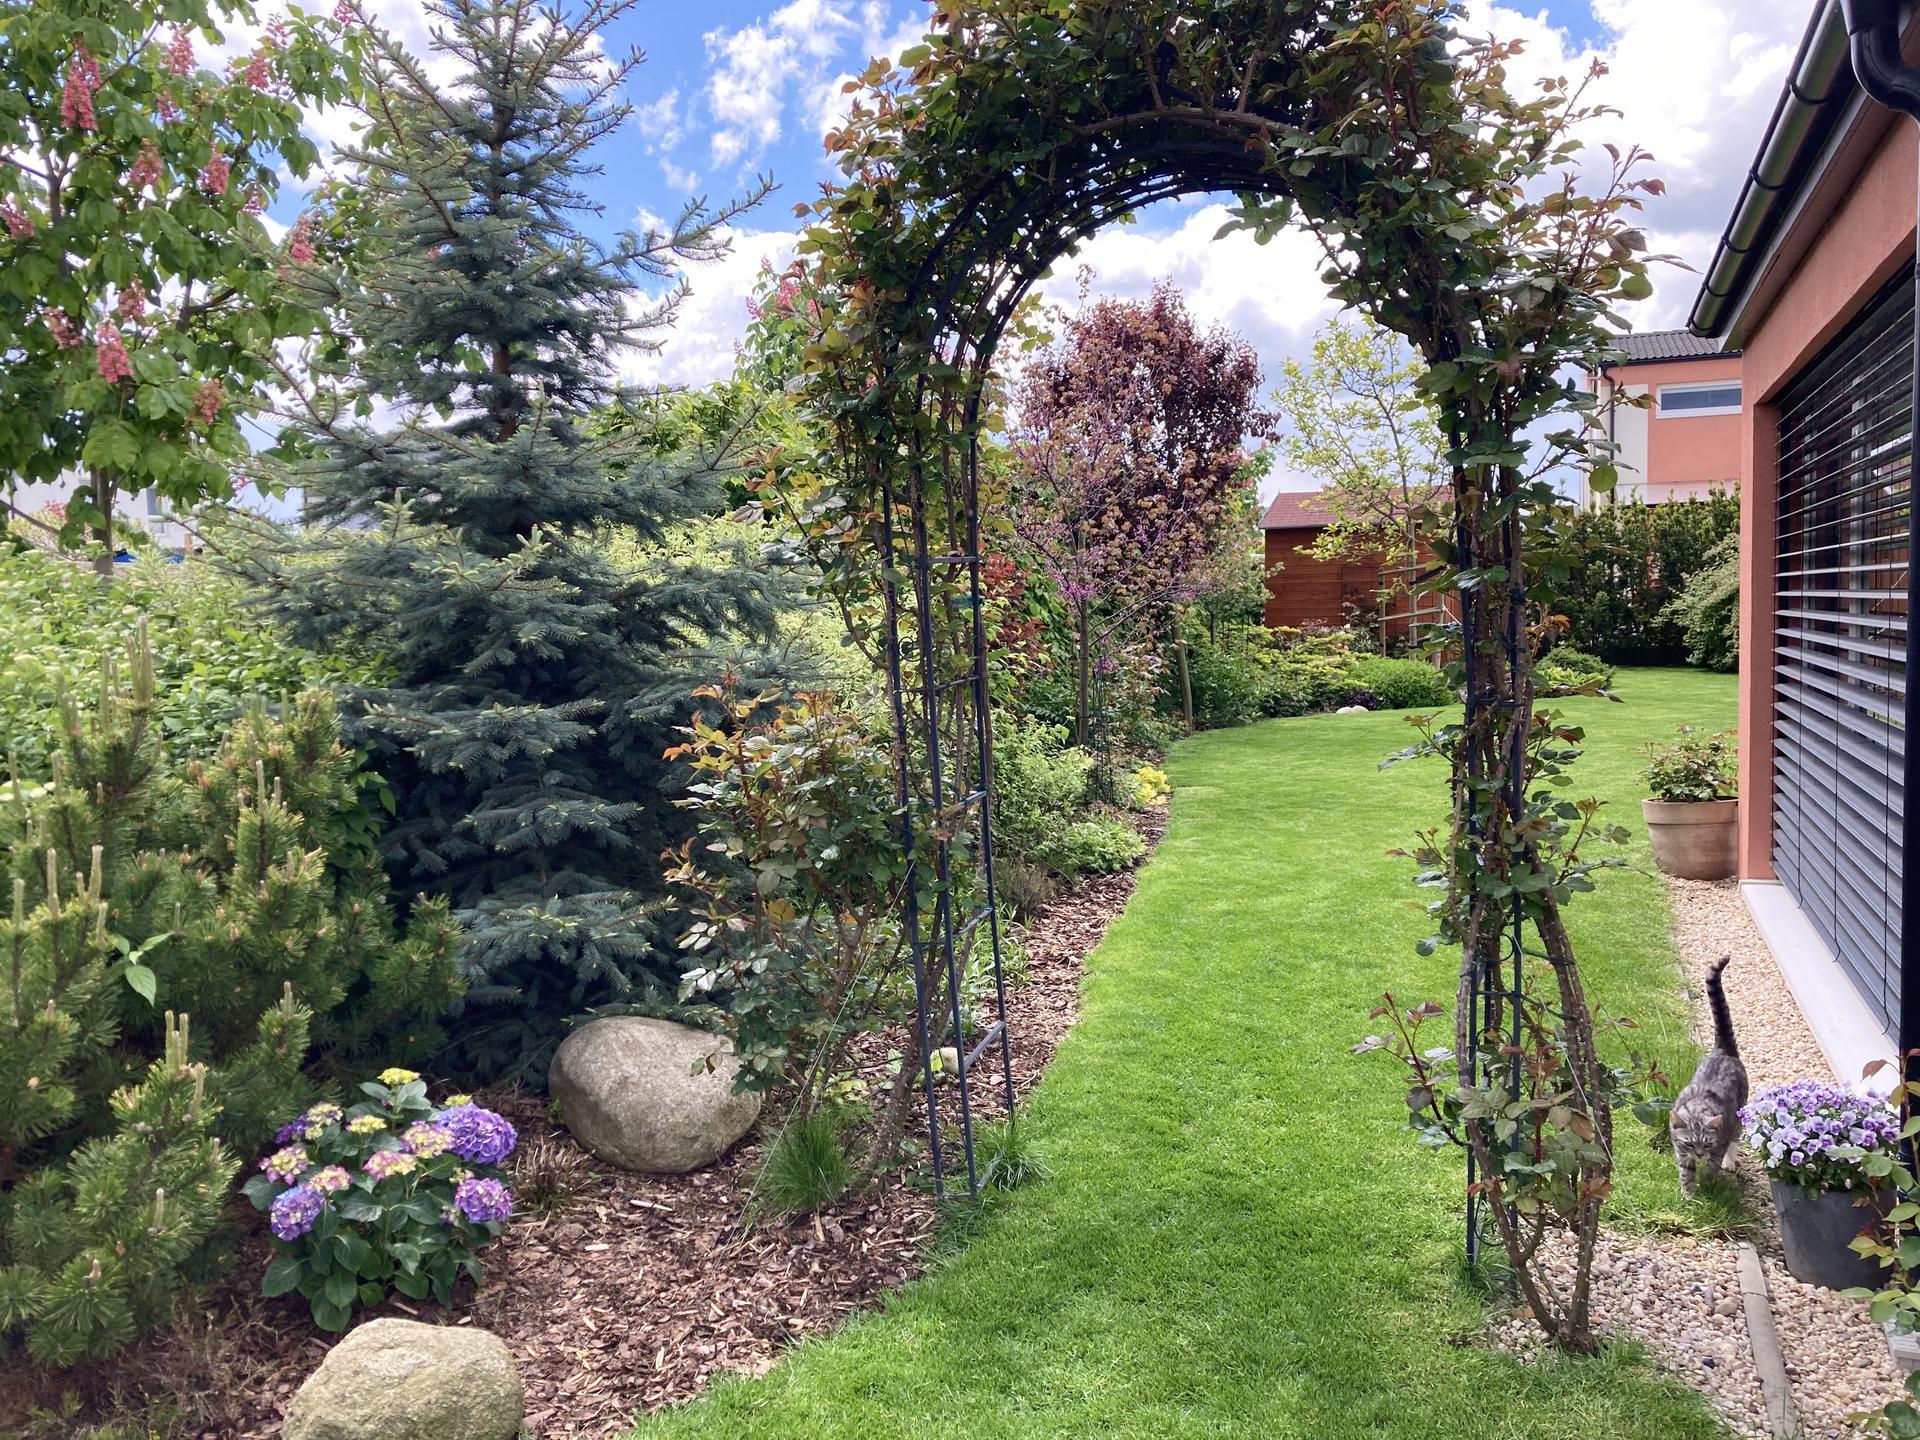 Zahrada 2021 - Ruzenka jde na vychazku...